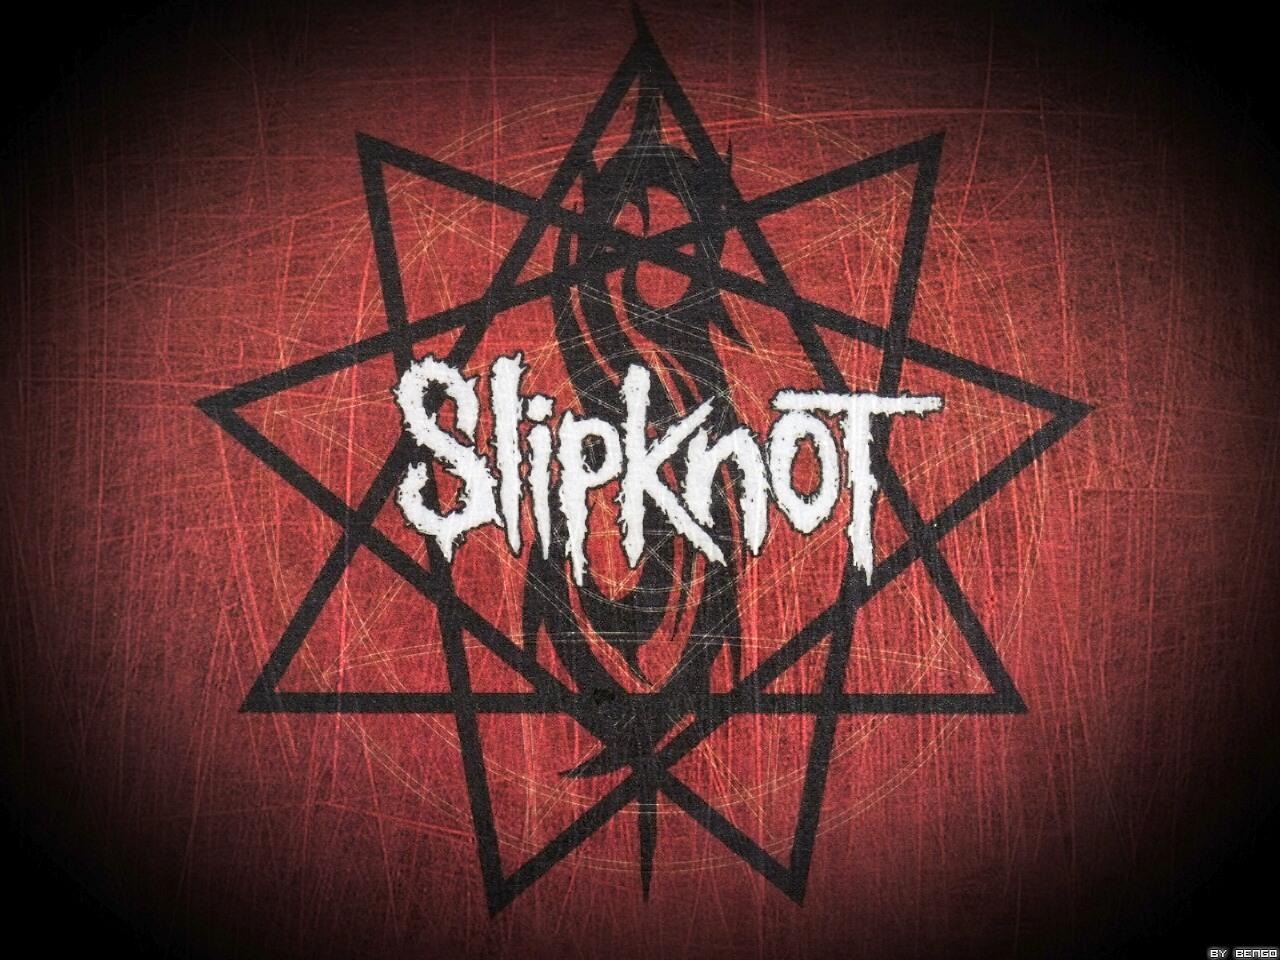 Slipknot desktop wallpaper pictures Slipknot photos Slipknot photo 1280x960